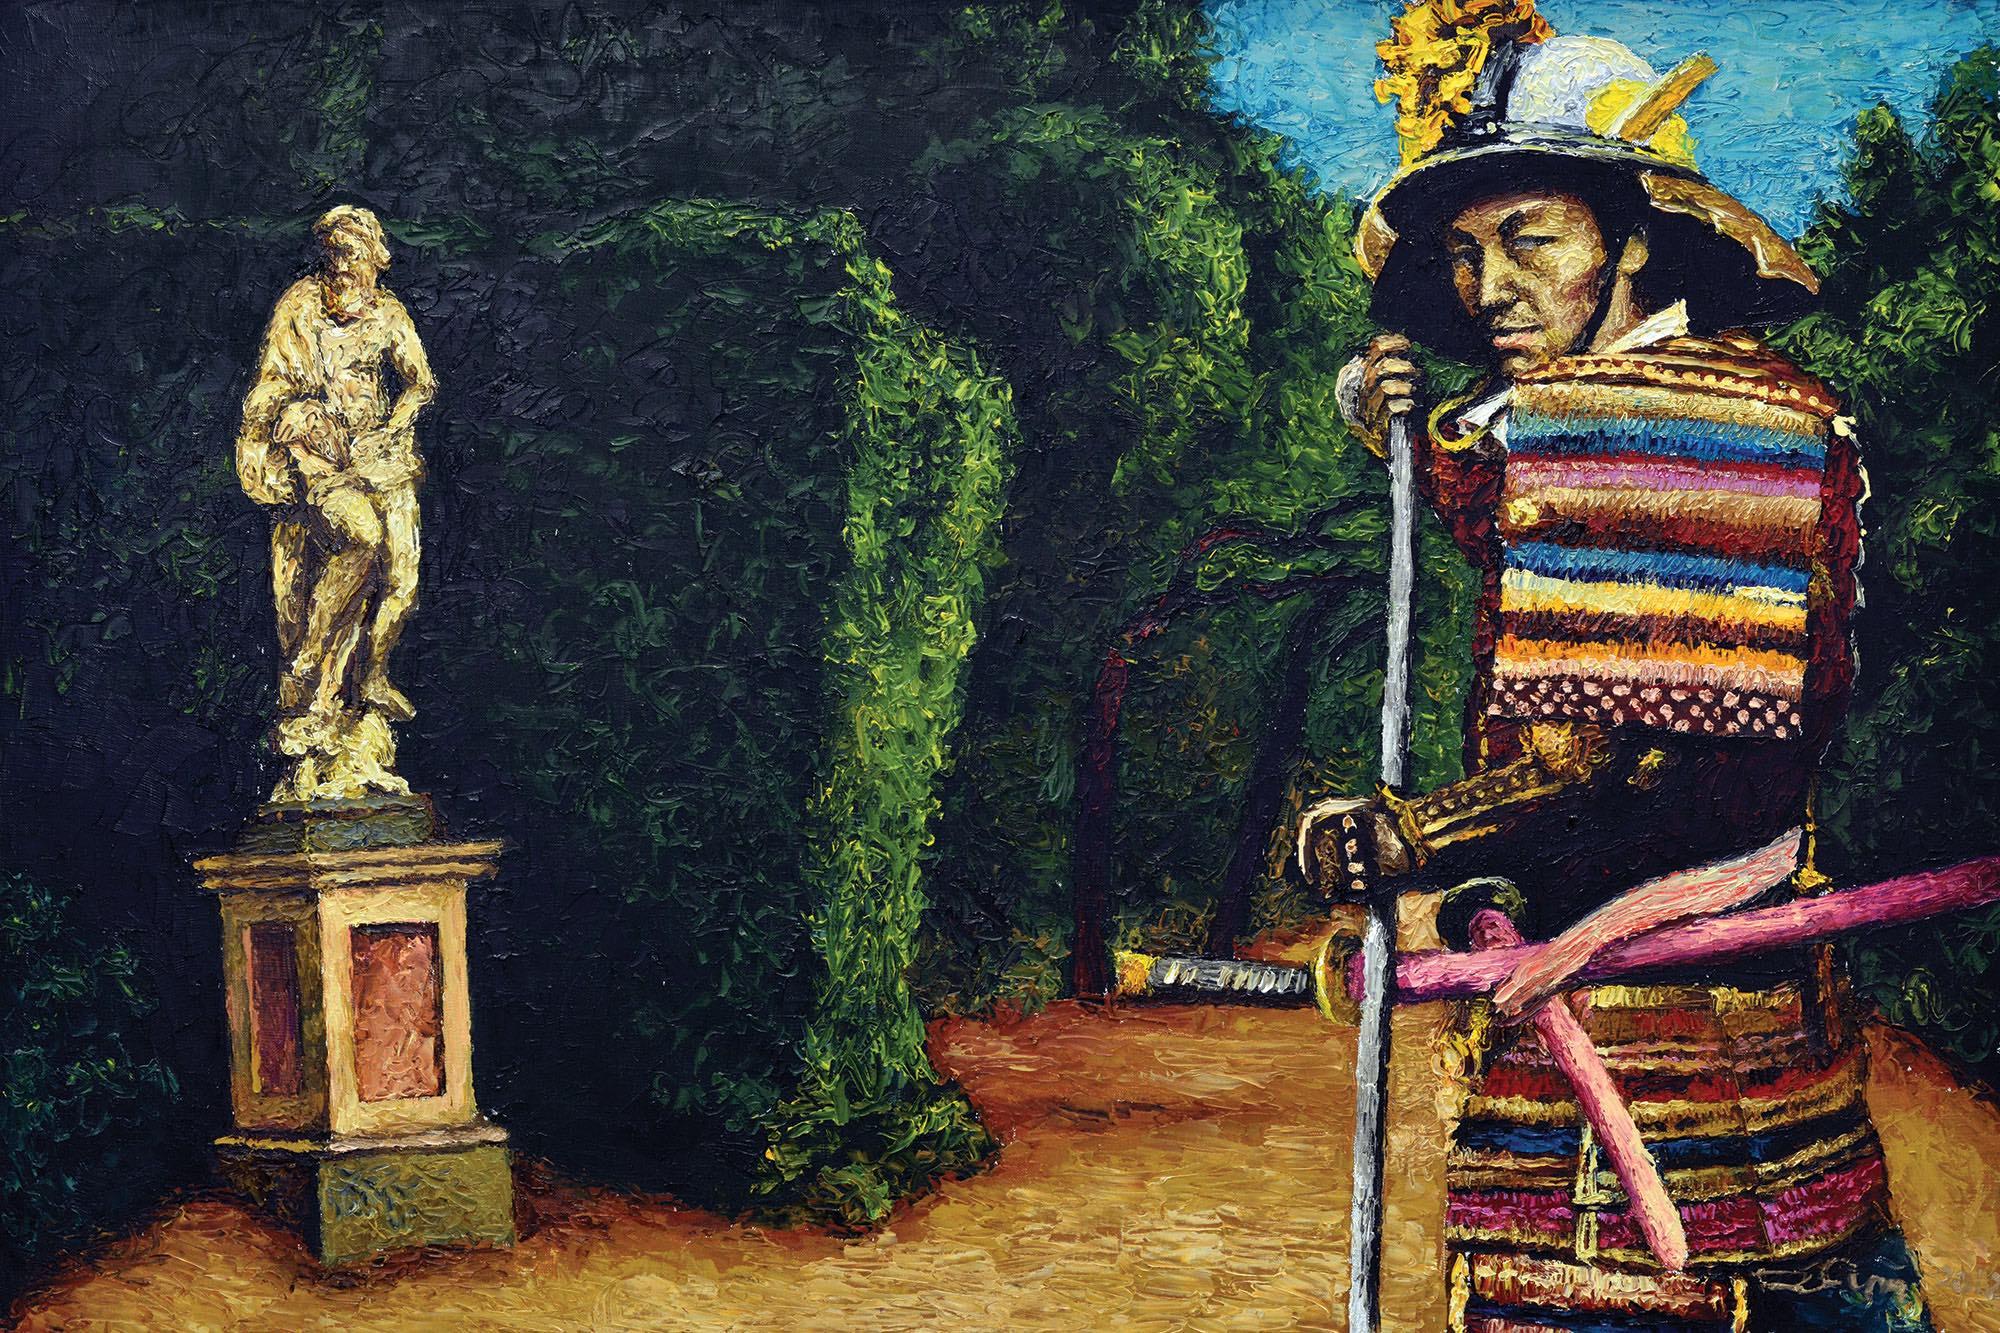 На юбилейном аукционе в Киеве выставят картины знаменитых украинских художников.Вокруг Света. Украина